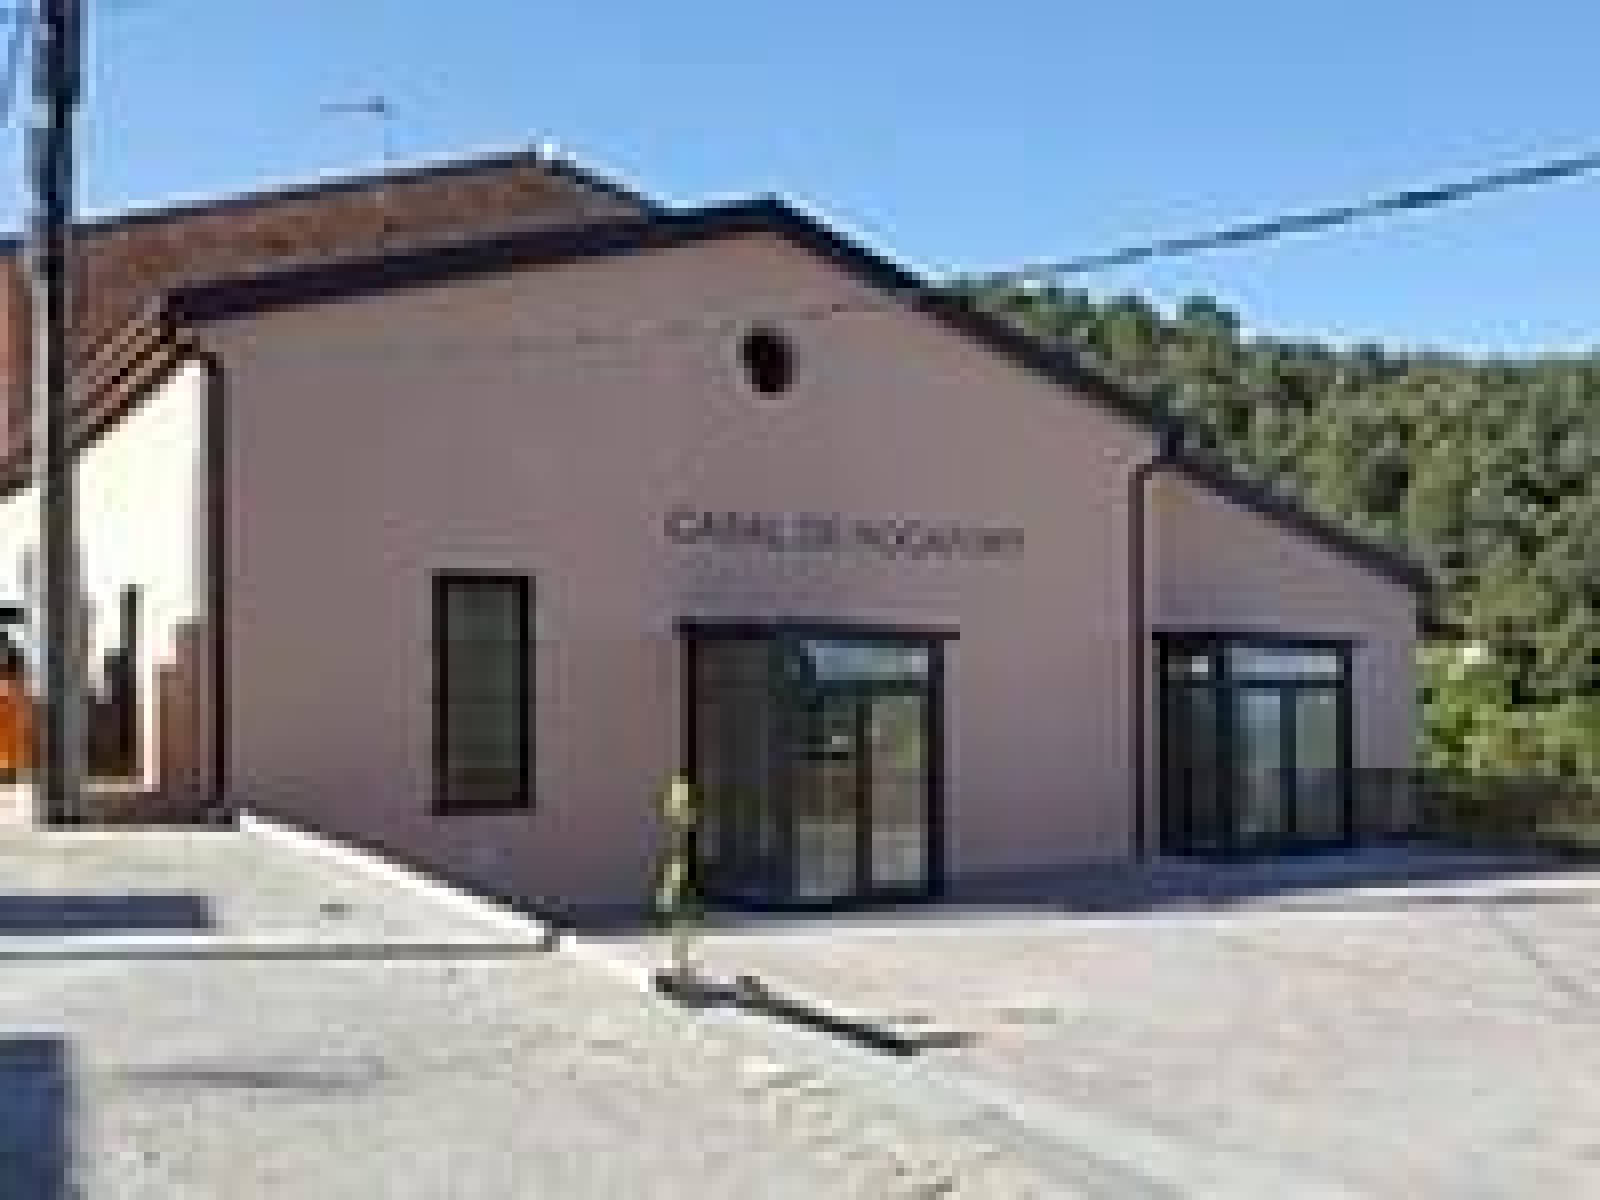 Centre d'informació Rocafort del Parc de Sant llorenç del munt o l'Obac